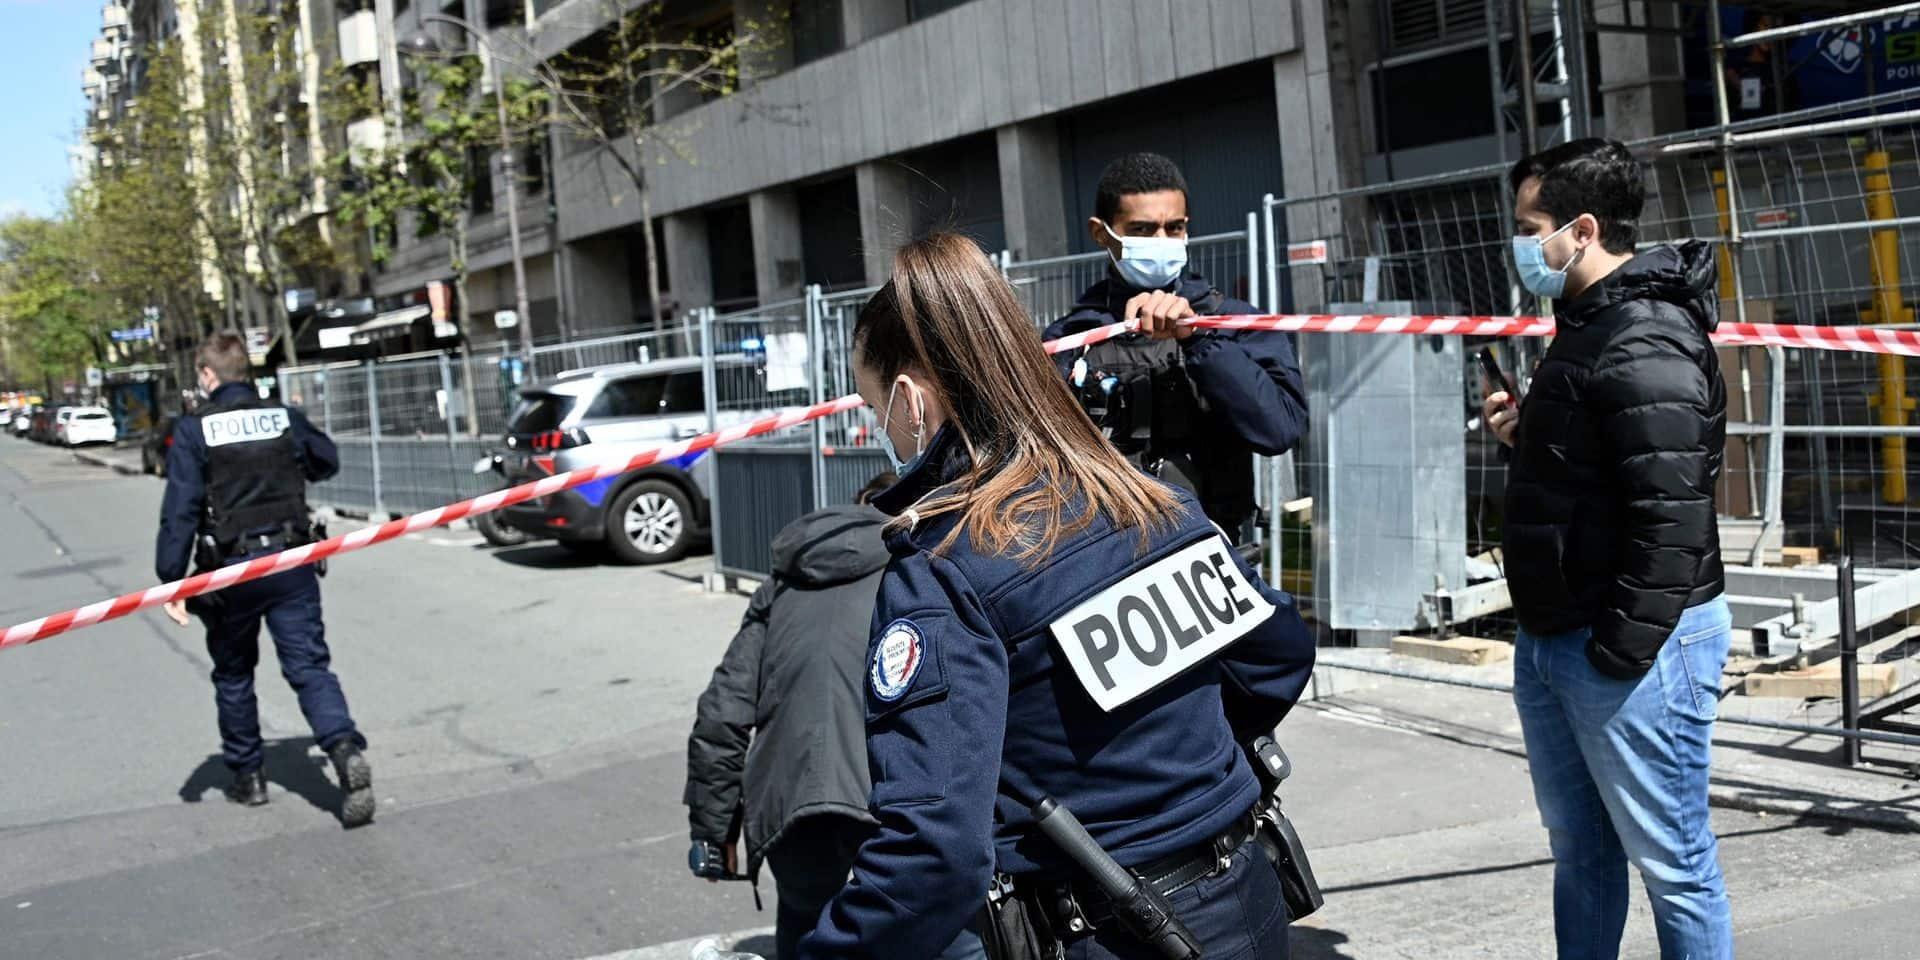 Un mort et un blessé grave dans des coups de feu devant un hôpital à Paris, le tireur en fuite !